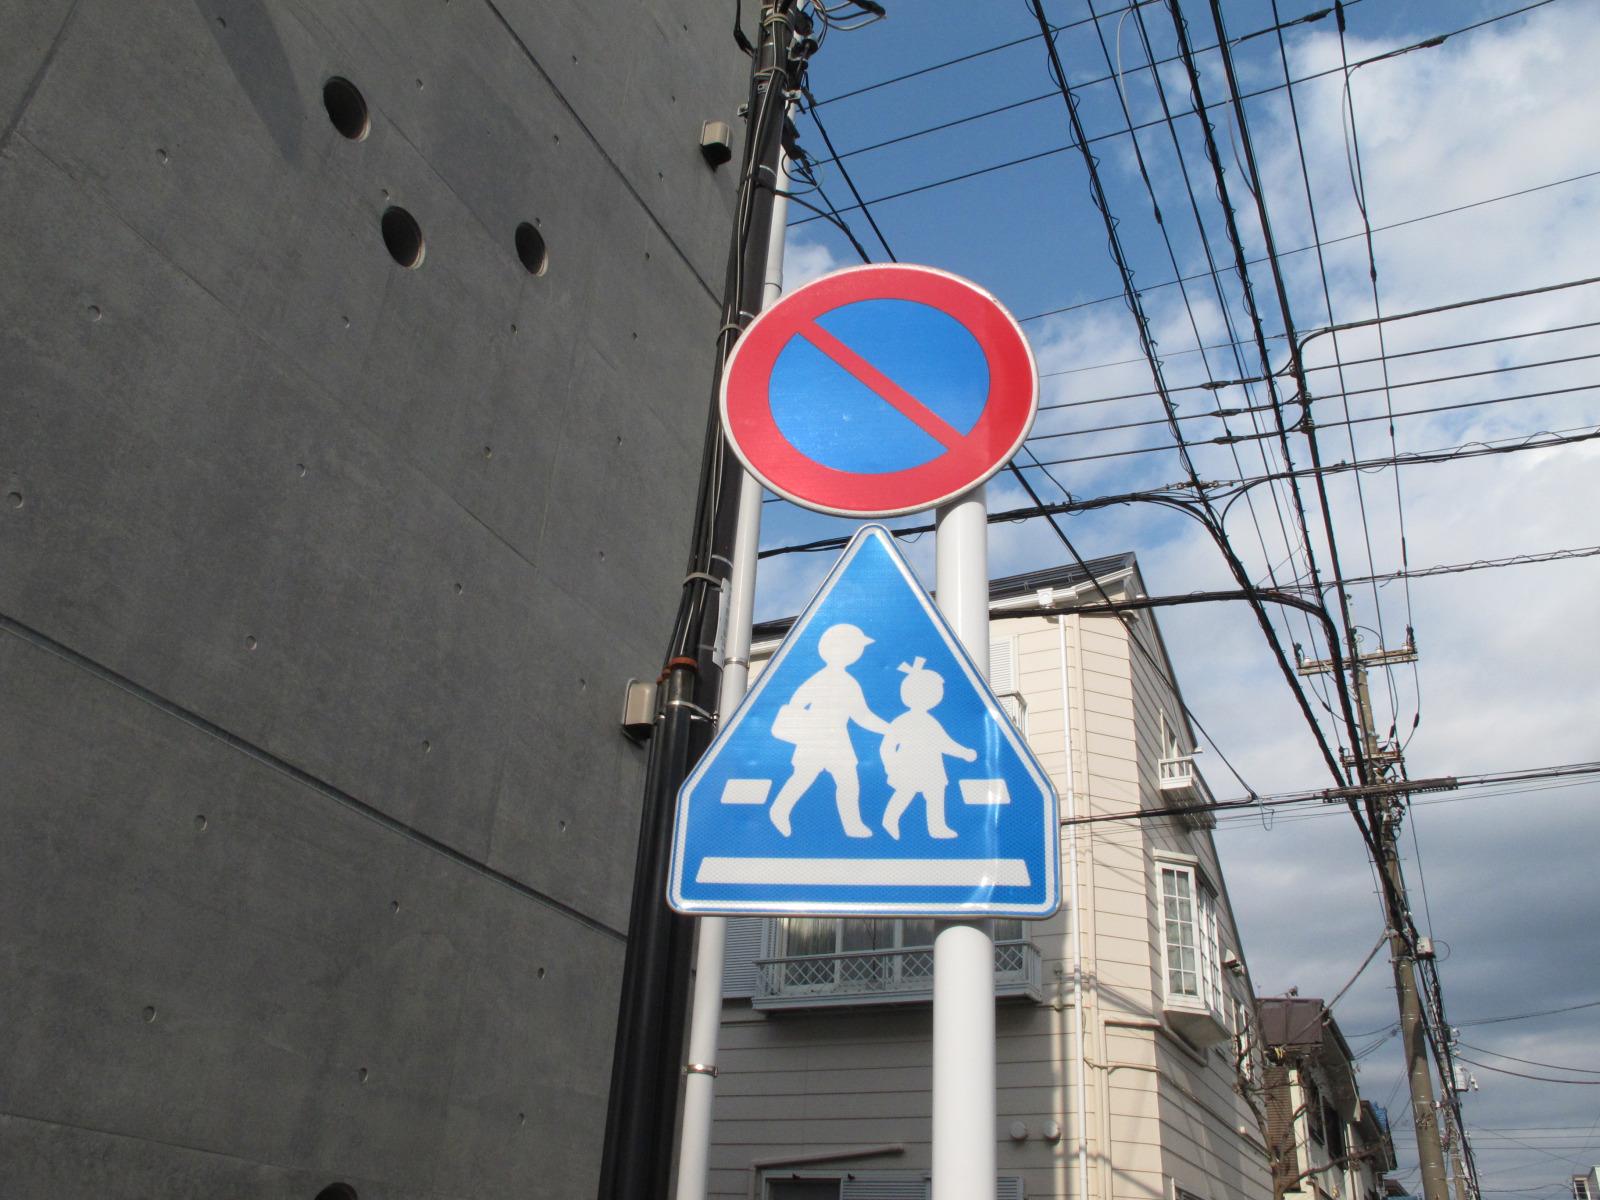 「覚えていますか「横断歩道は歩行者優先」。無視して通過すると大事故や罰則も! 」の6枚目の画像